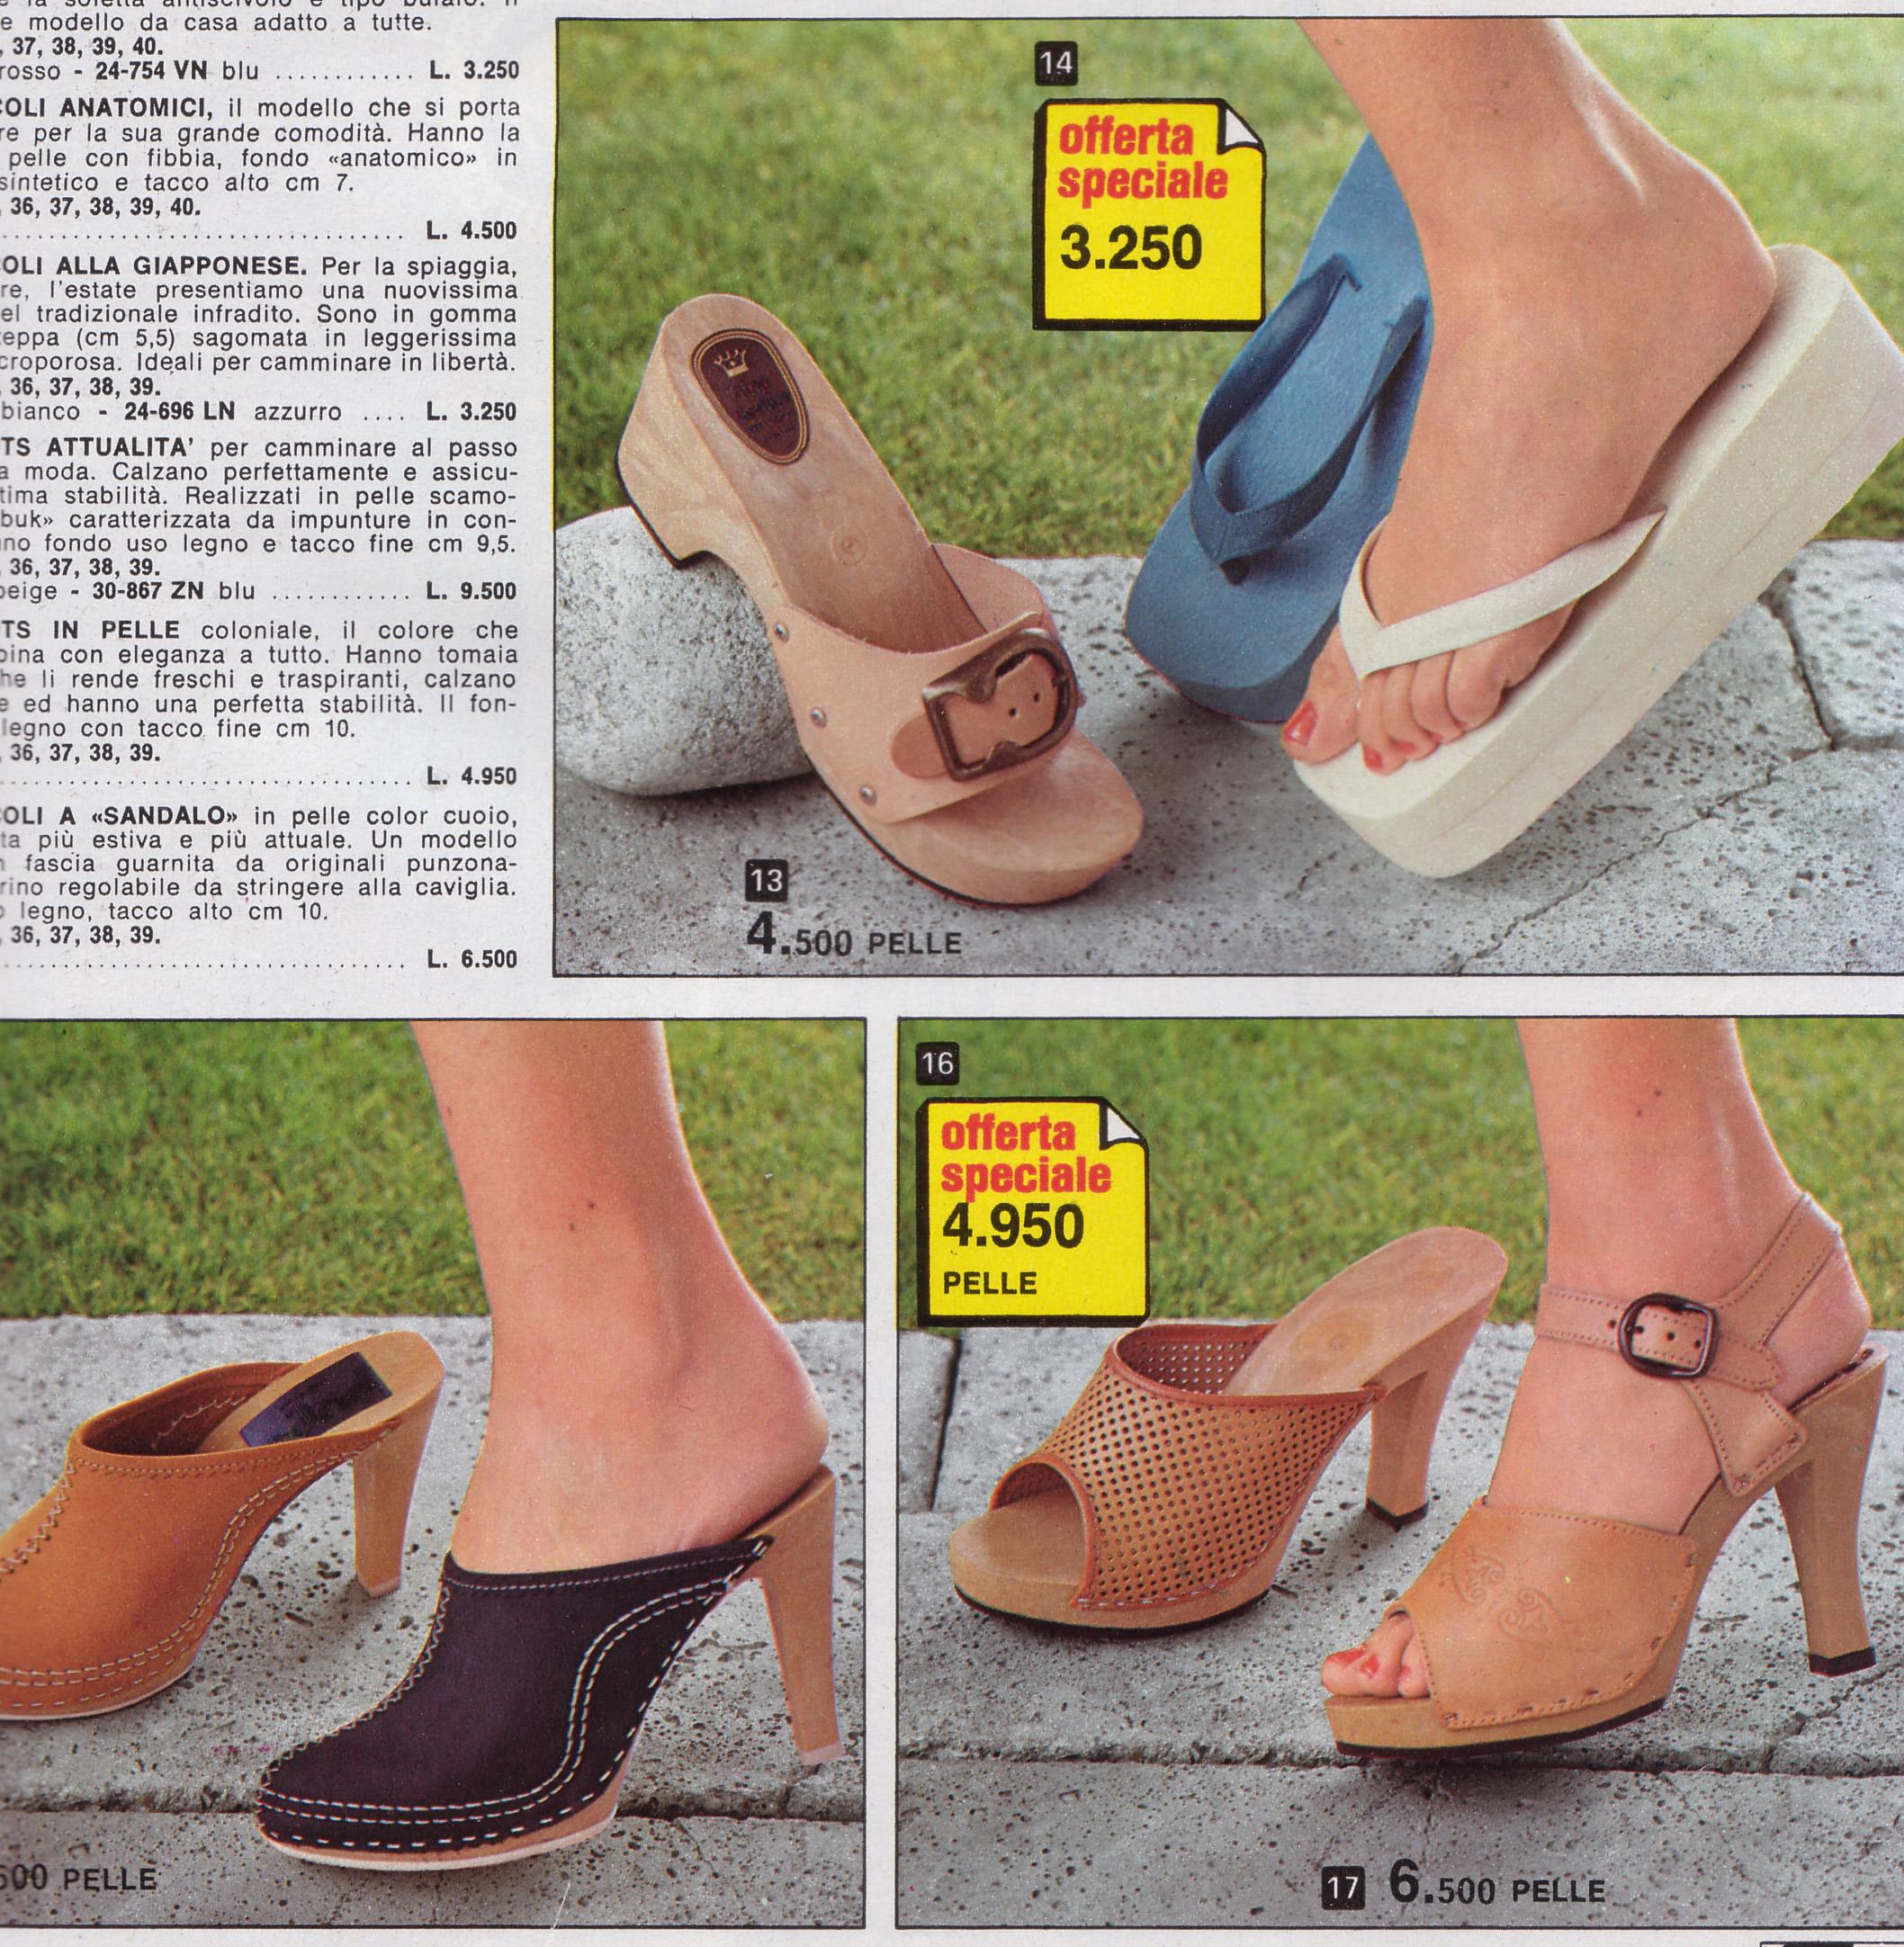 clogs-wooden-sandals-summer-1979